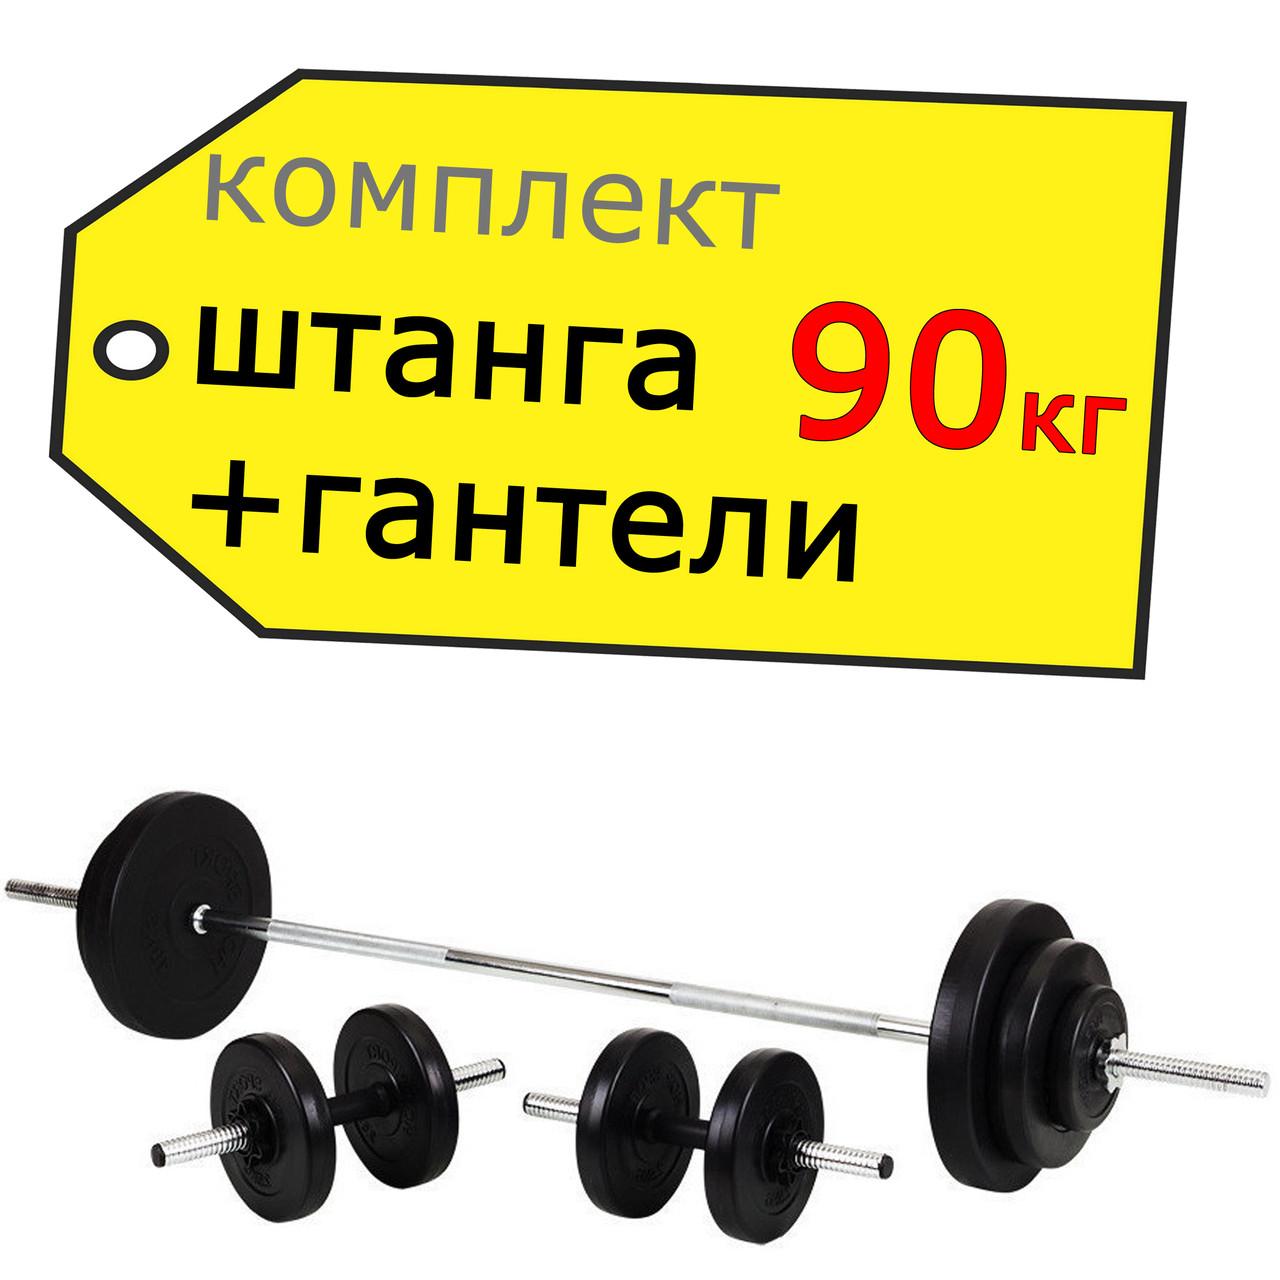 Штанга 90 кг прямая фиксированная + Гантели 2*21 кг разборные (комплект пряма штанга + гантелі розбірні)